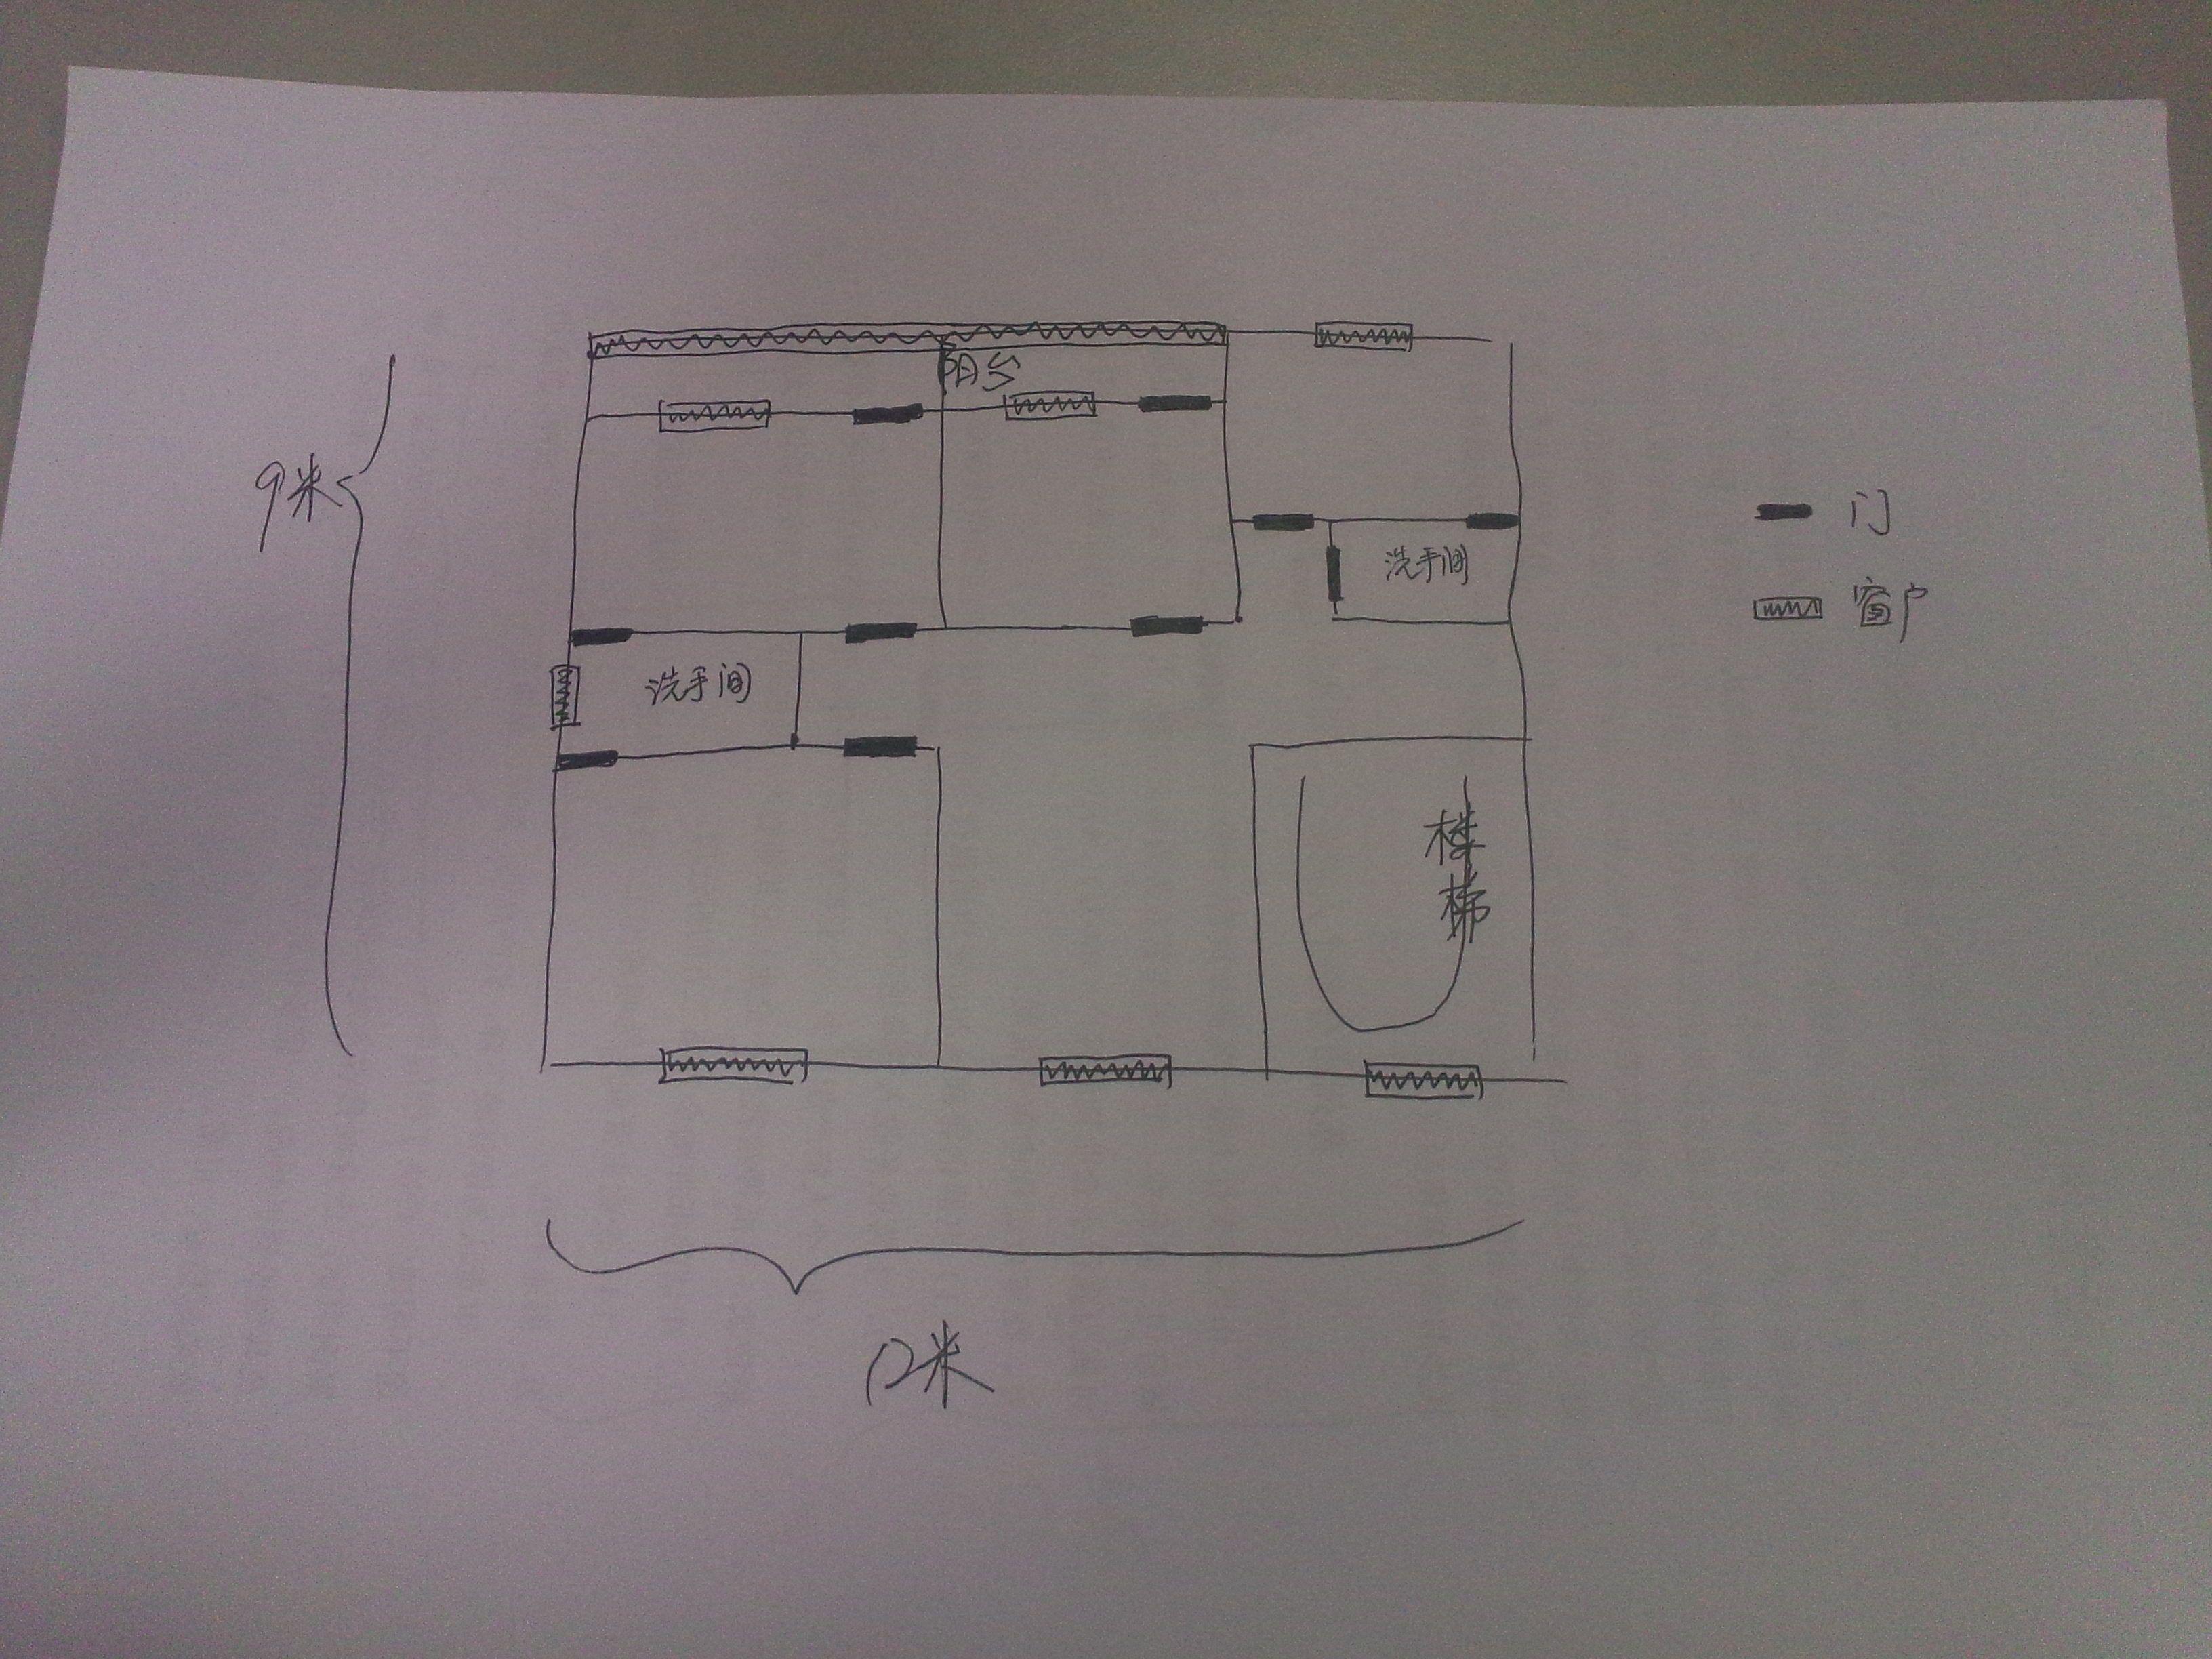 120平米带车库房屋设计图_120平米带车库房屋设计图分